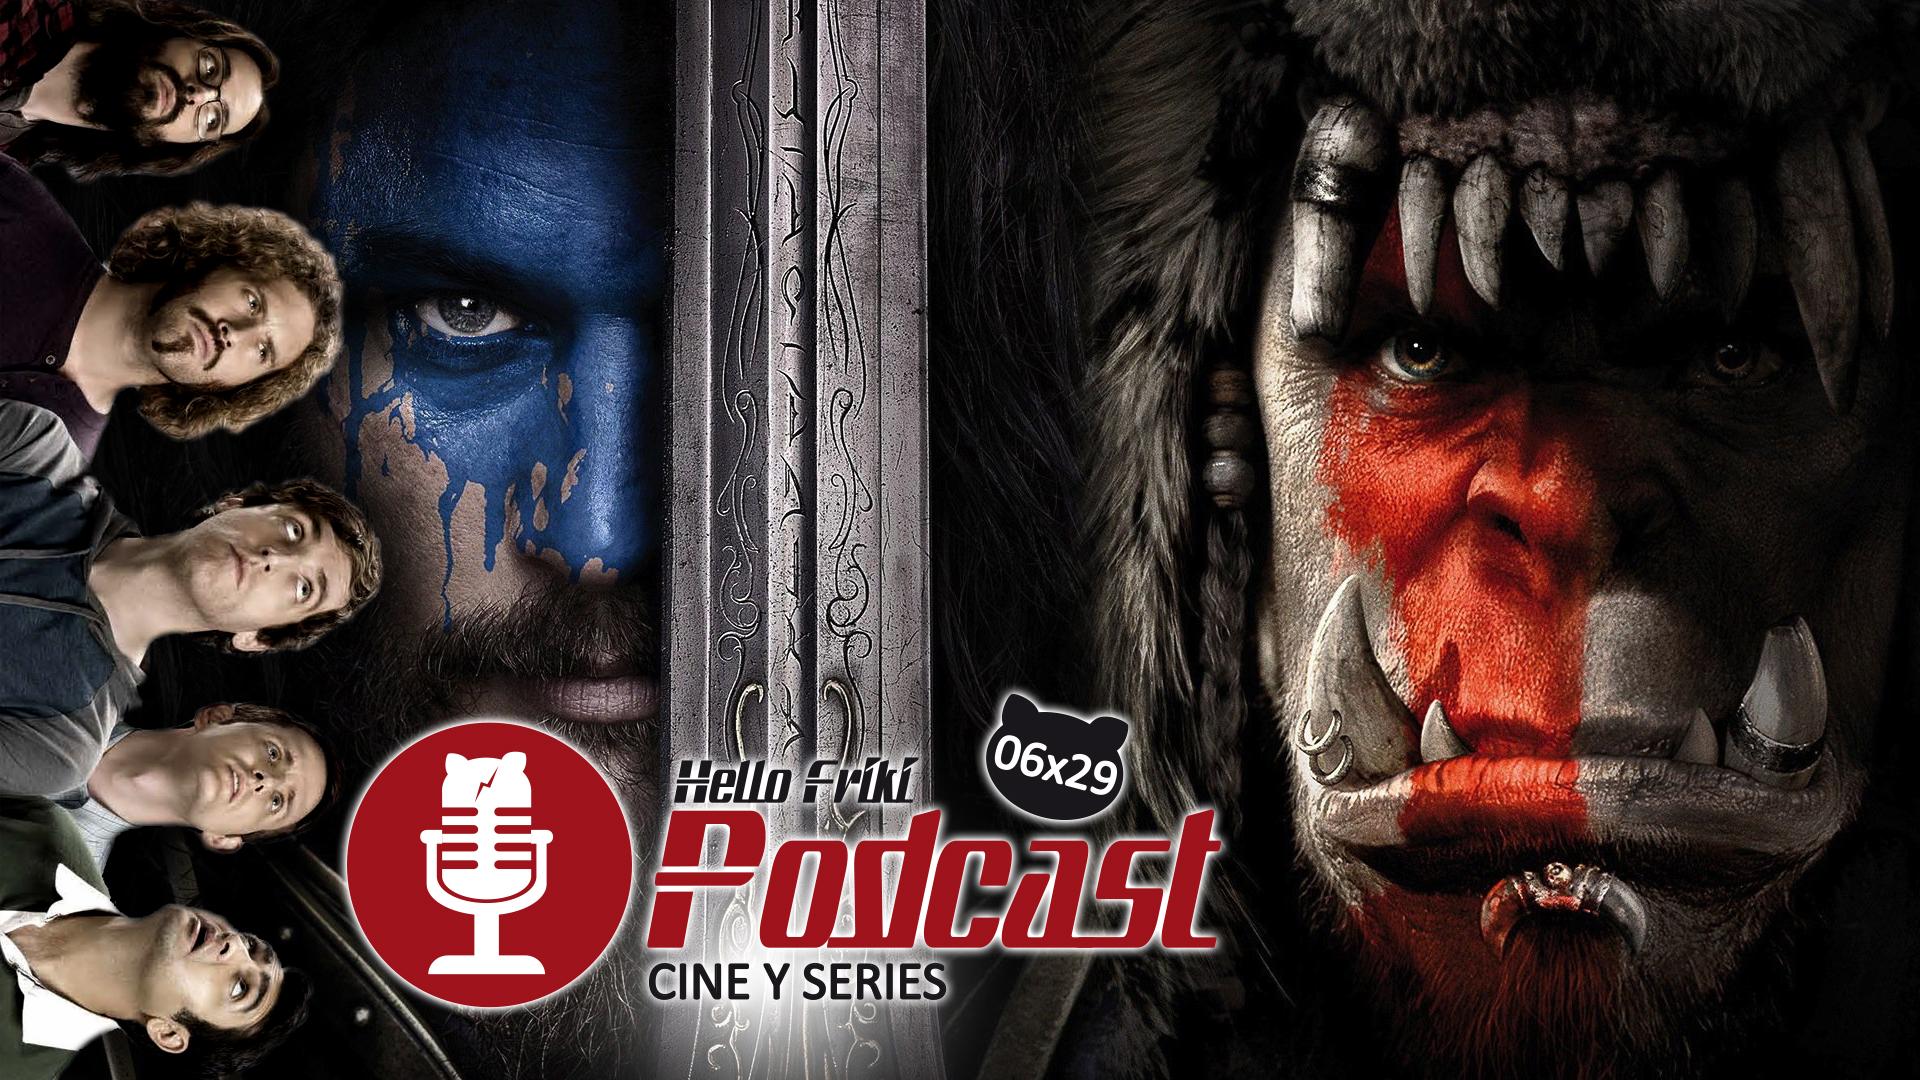 HF 6x29 Cine y Series: Warcraft, Los Santos Inocentes, Silicon Valley...